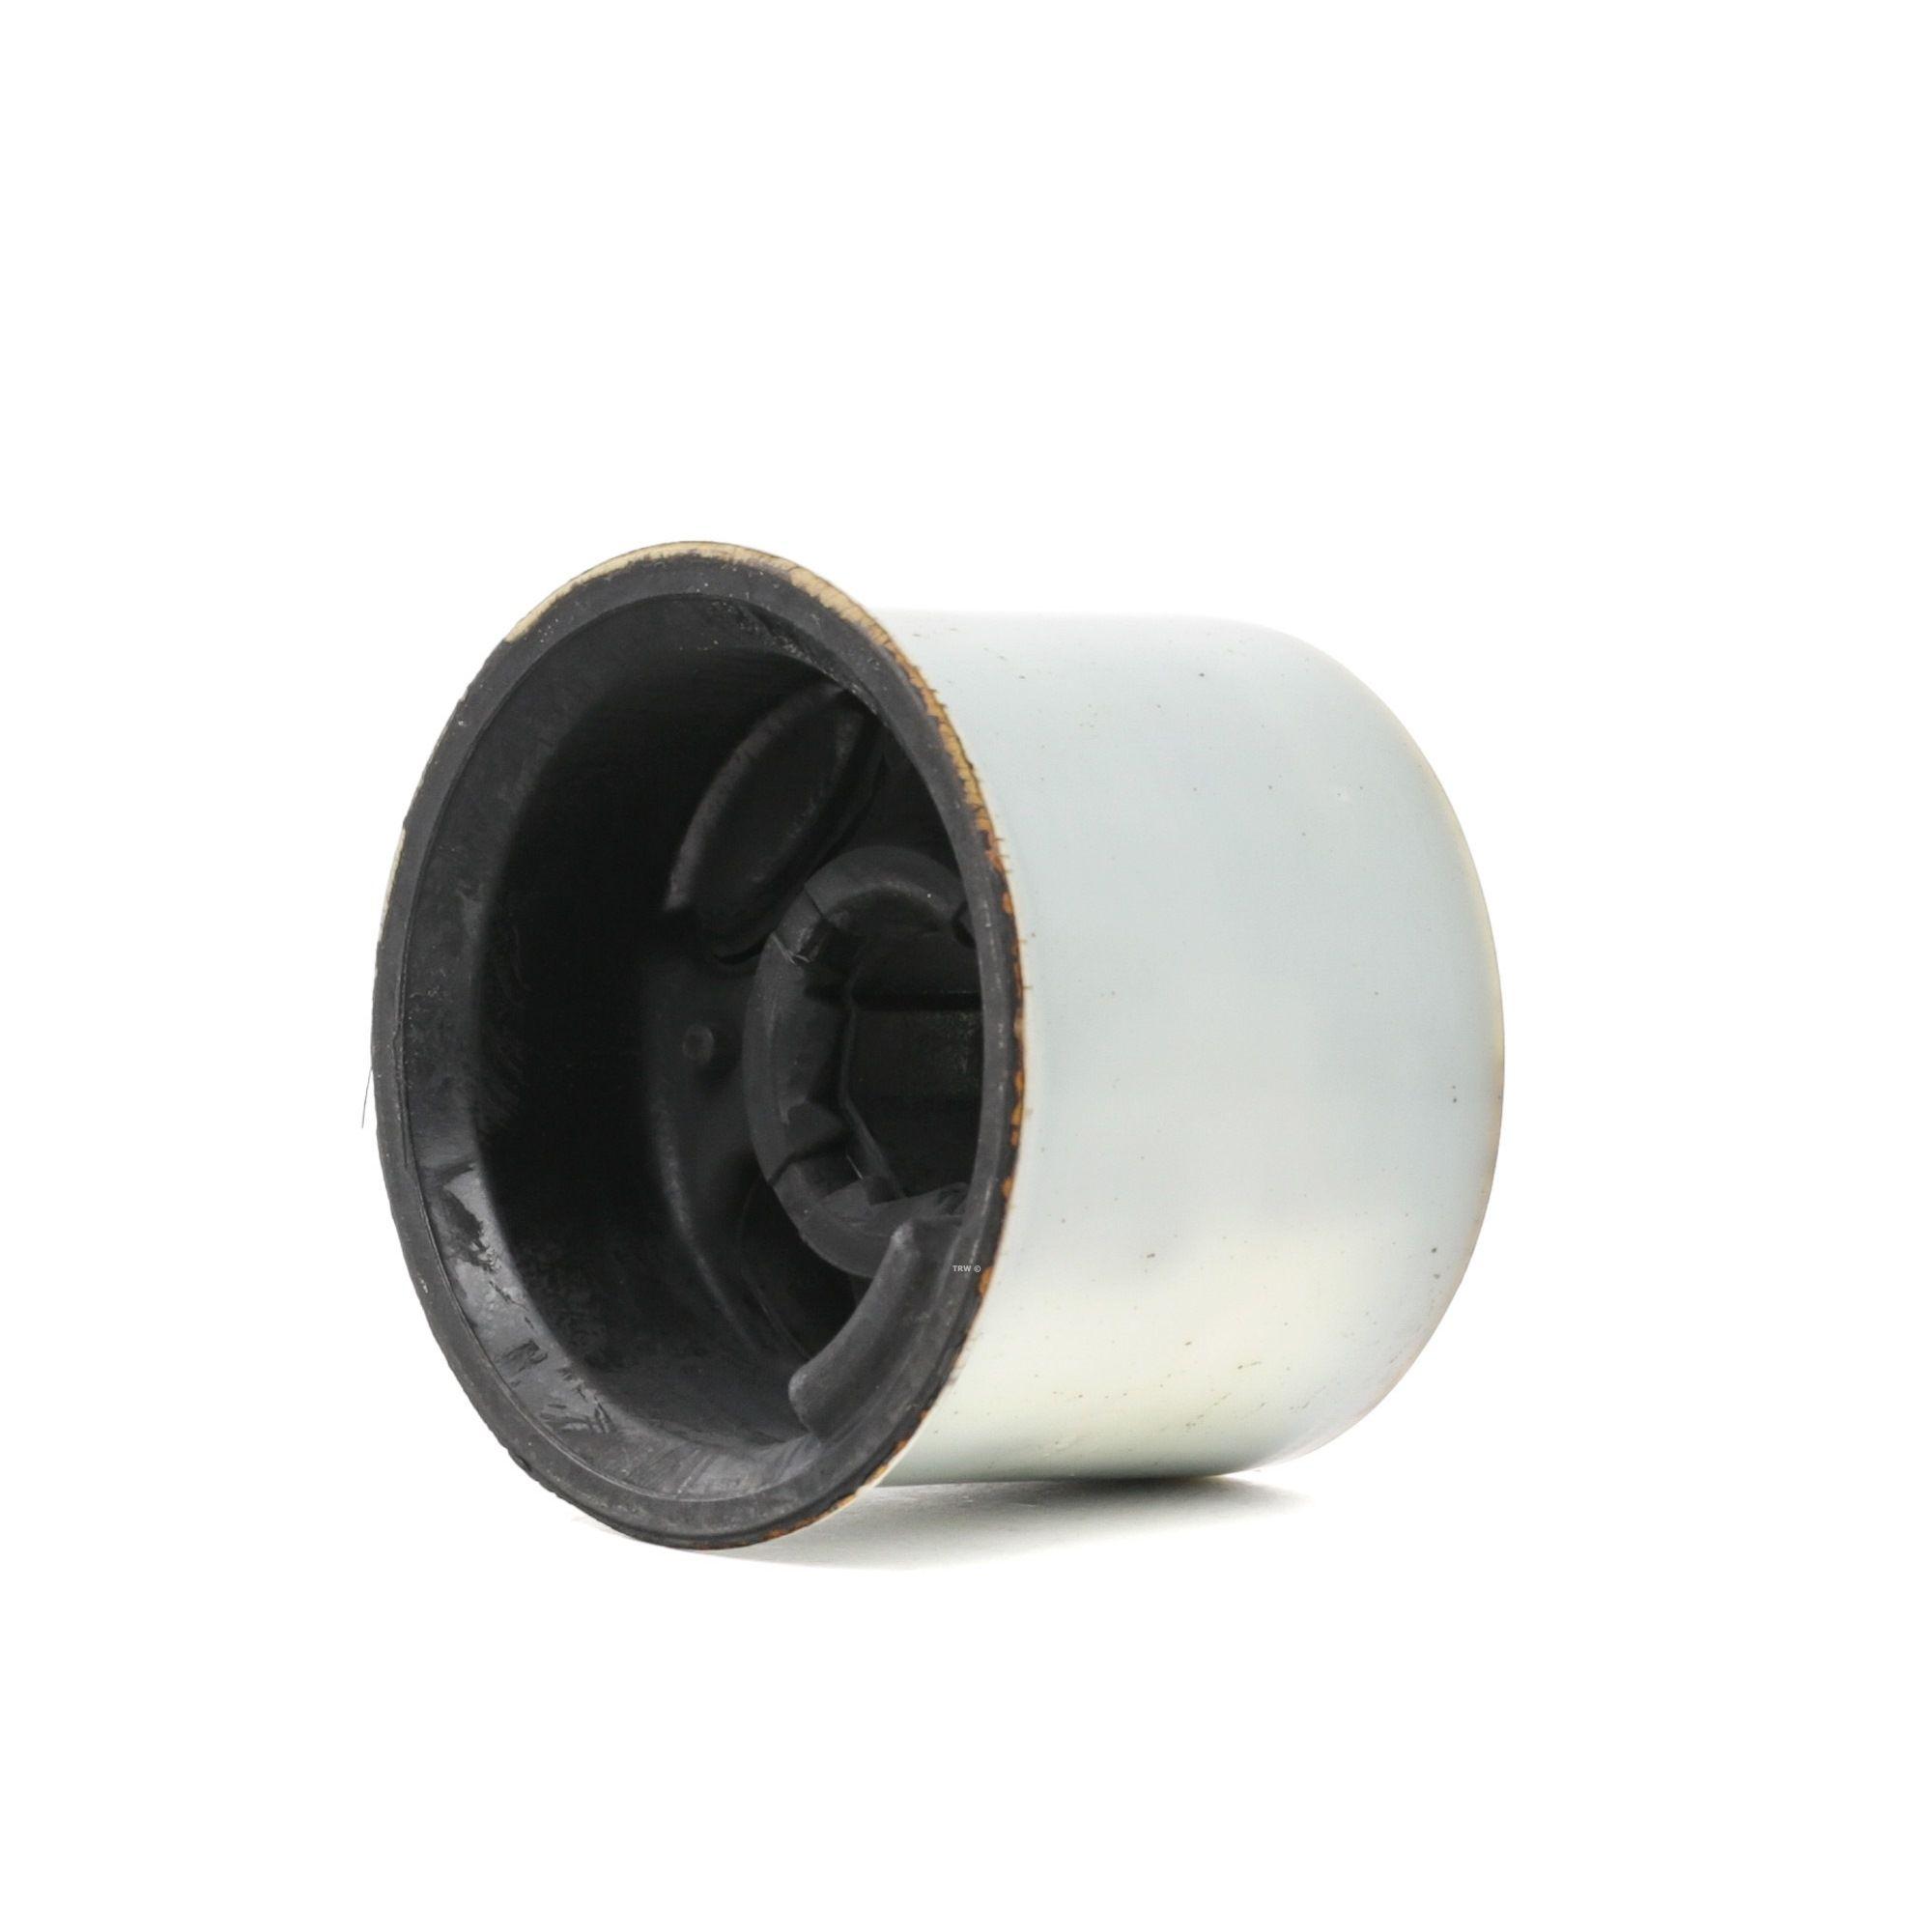 JBU602 TRW Gummimetalllager, beidseitig, hinten, innen, unten, Vorderachse Lagerung, Lenker JBU602 günstig kaufen